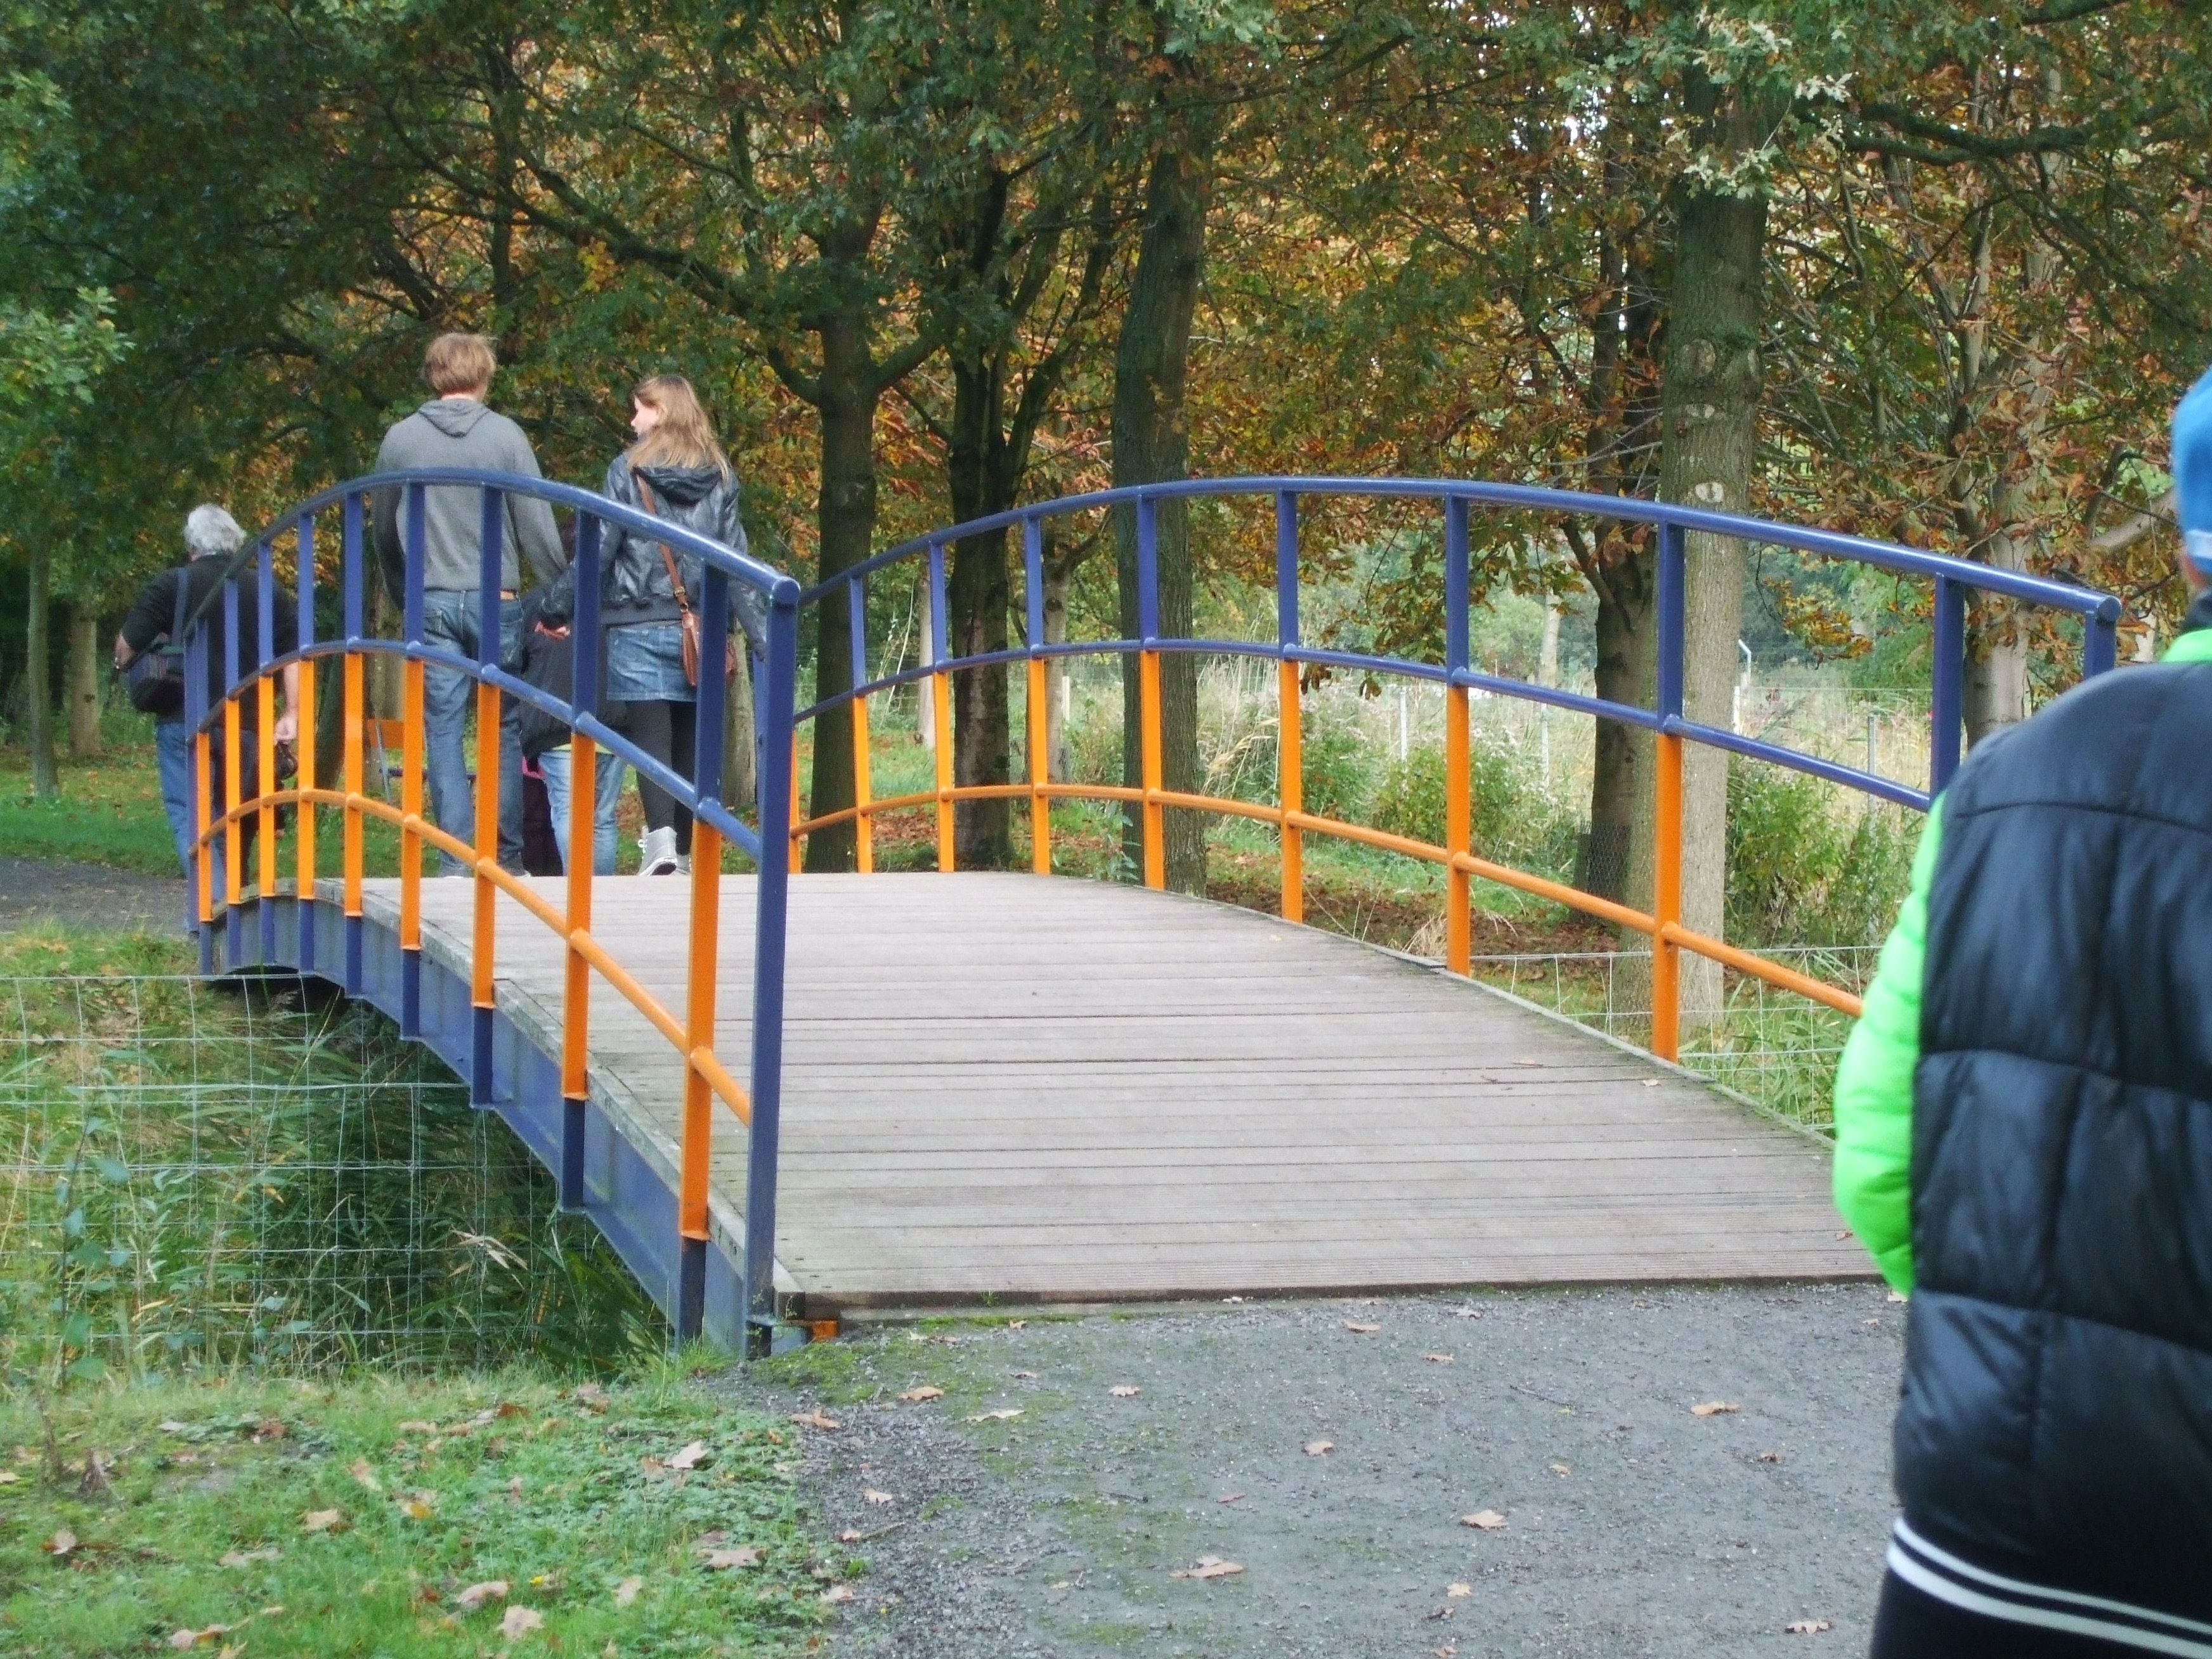 bridge  orange and blue